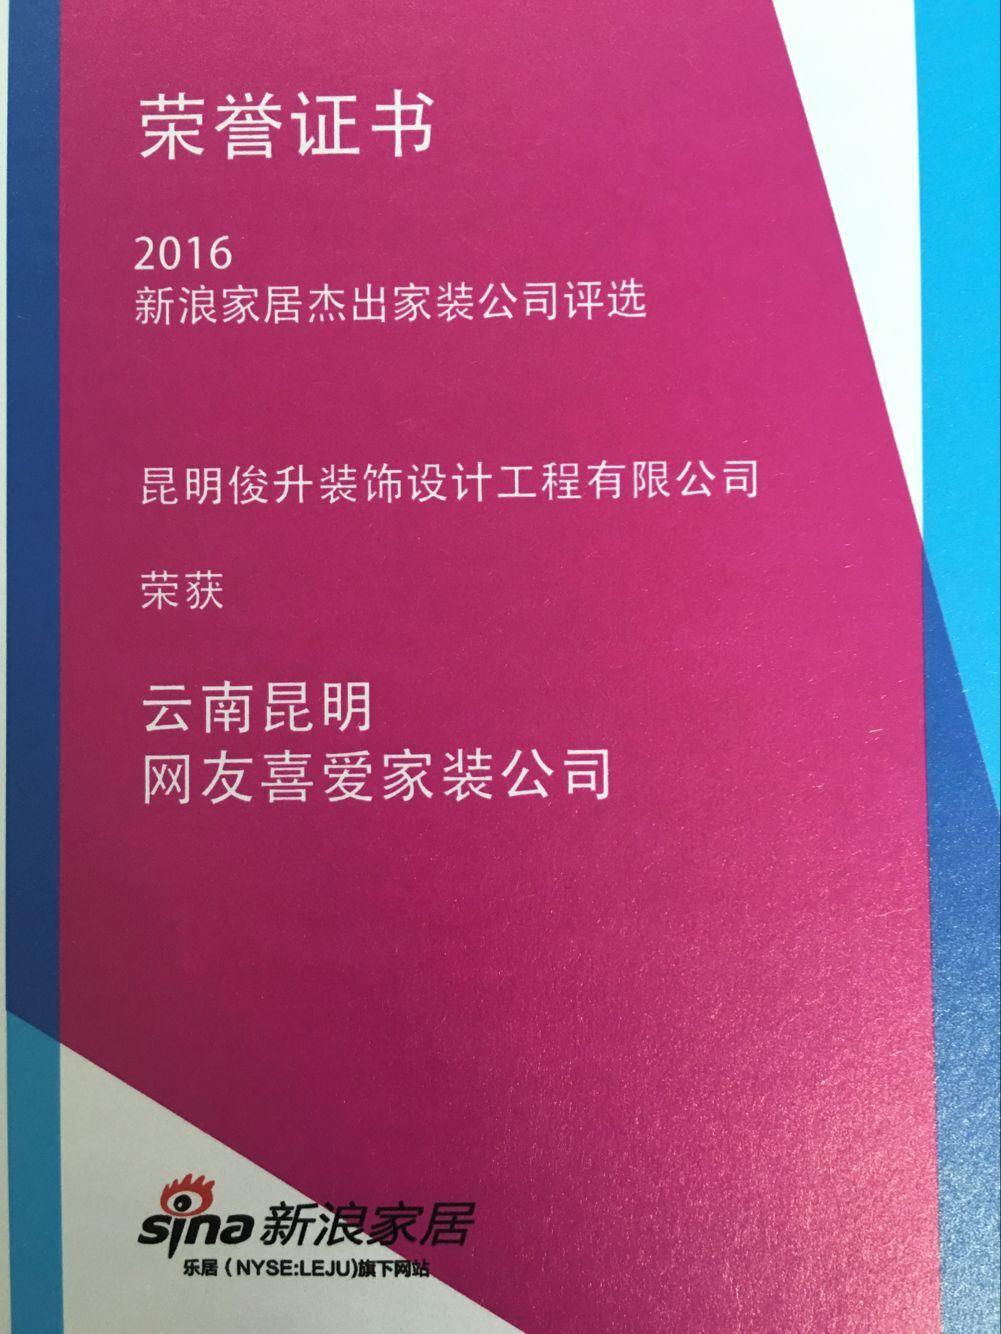 2016新浪家居杰出家装公司评选活动获得荣誉